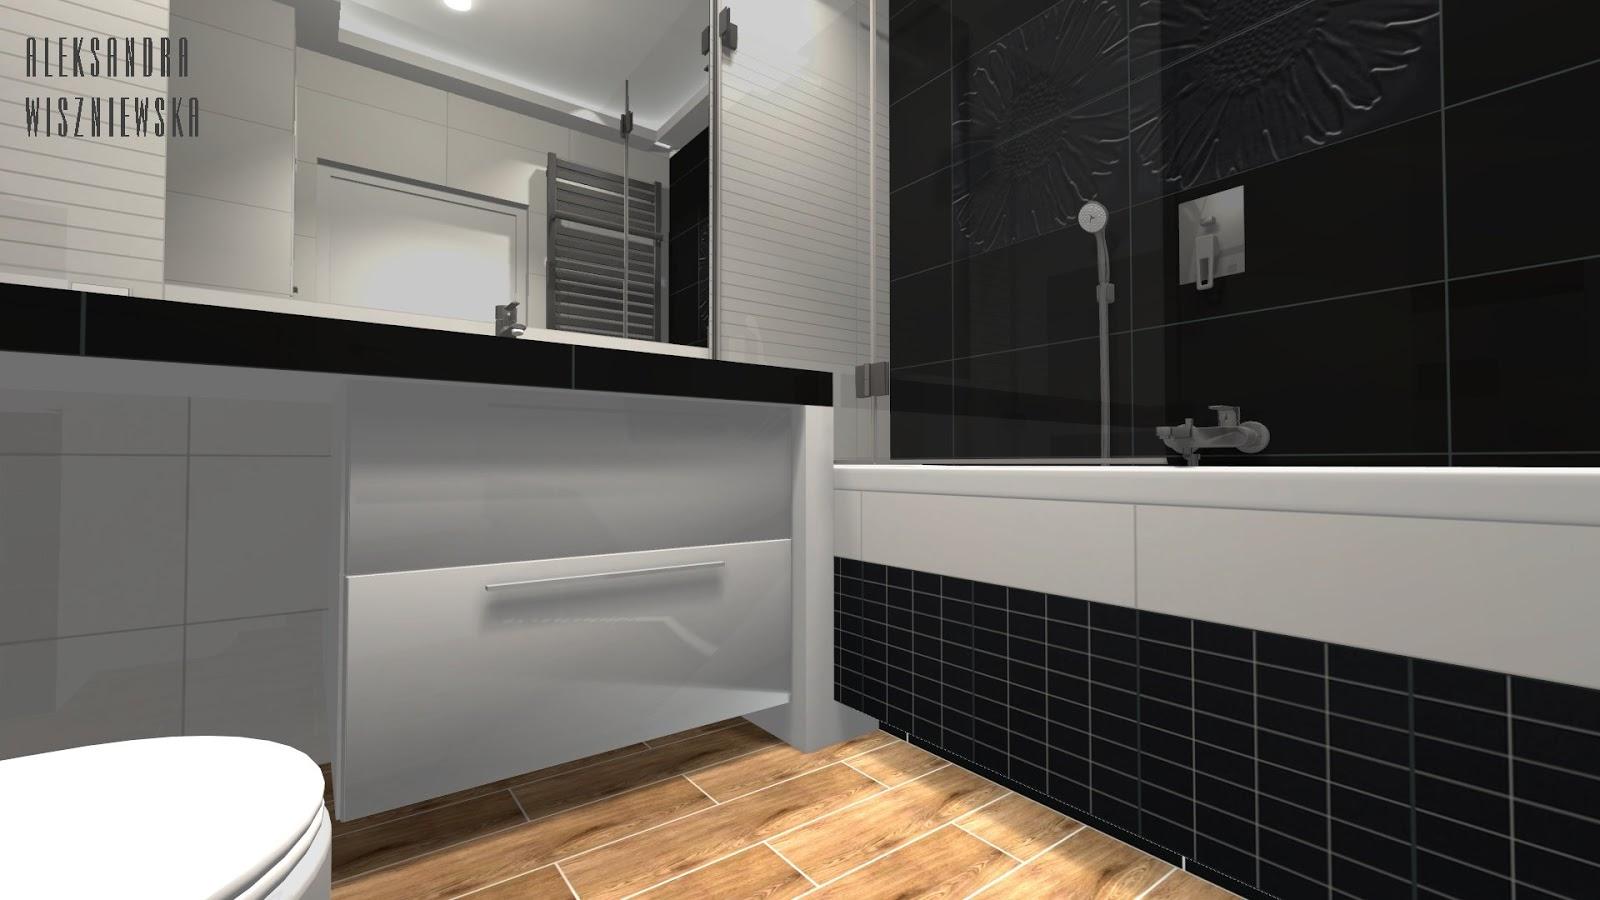 Projekty łazienek, wizualizacje: Tubądzin, Colour + Campani Legni Tinta - BIAŁO-CZARNA z drewnem